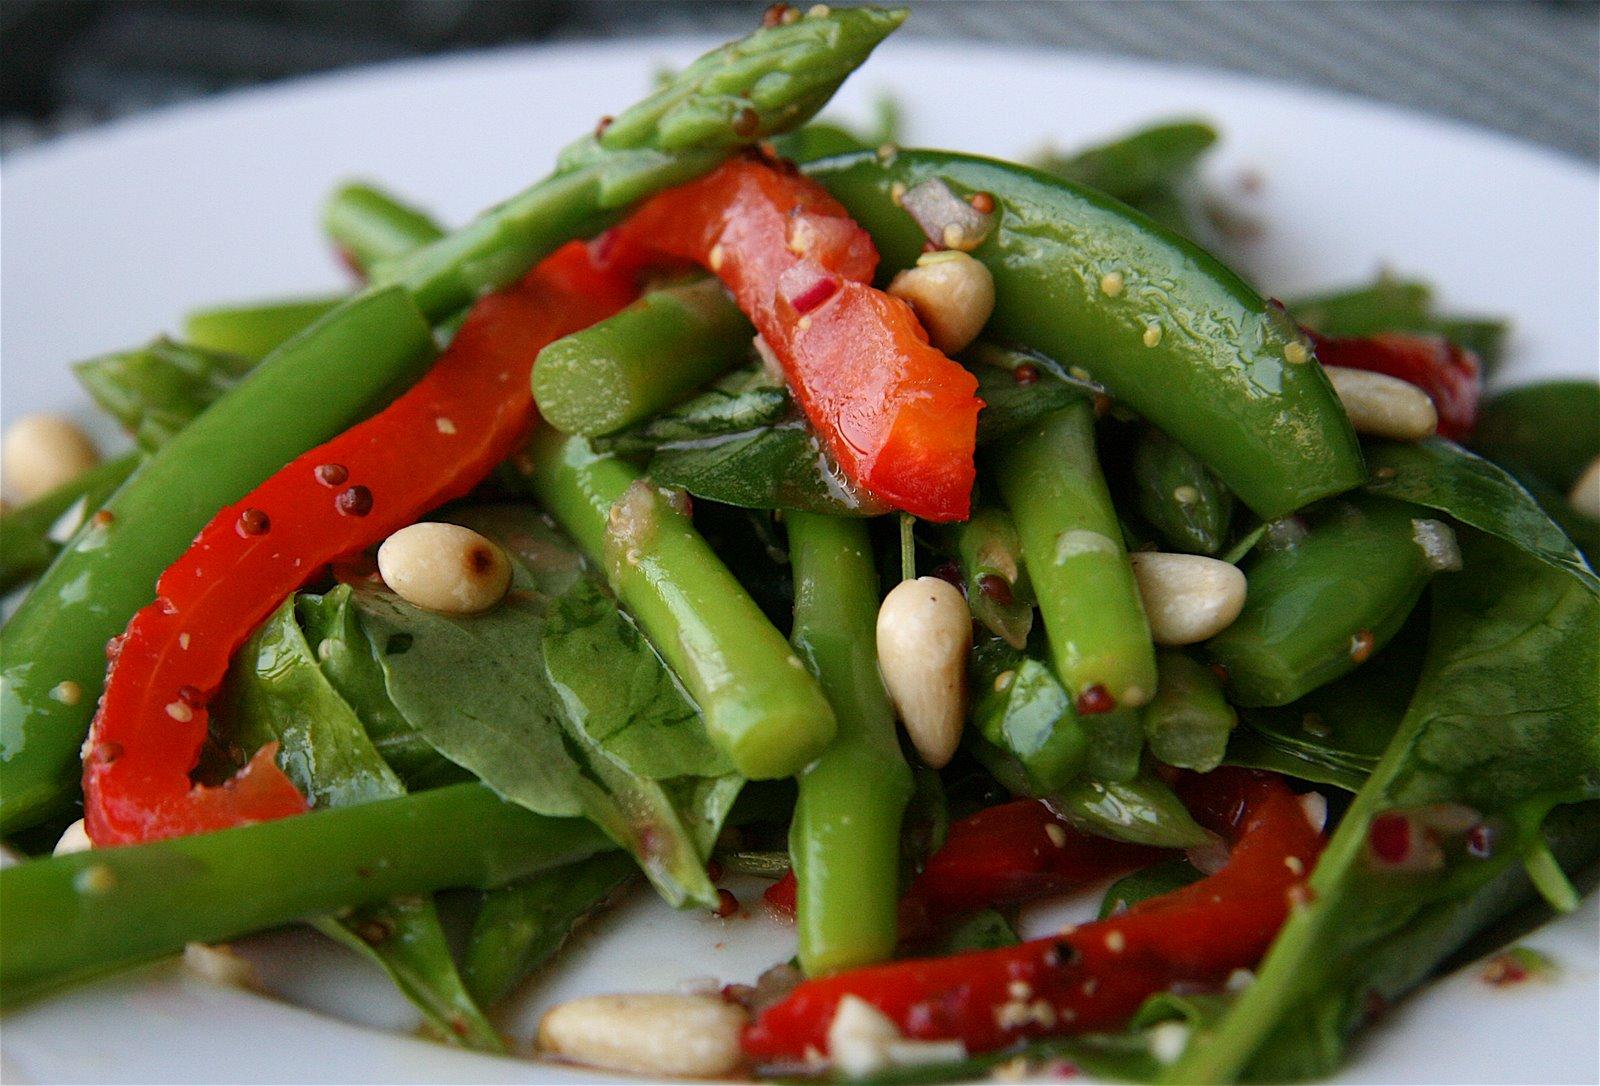 bean and wax bean salad recipes asparagus green bean and wax bean